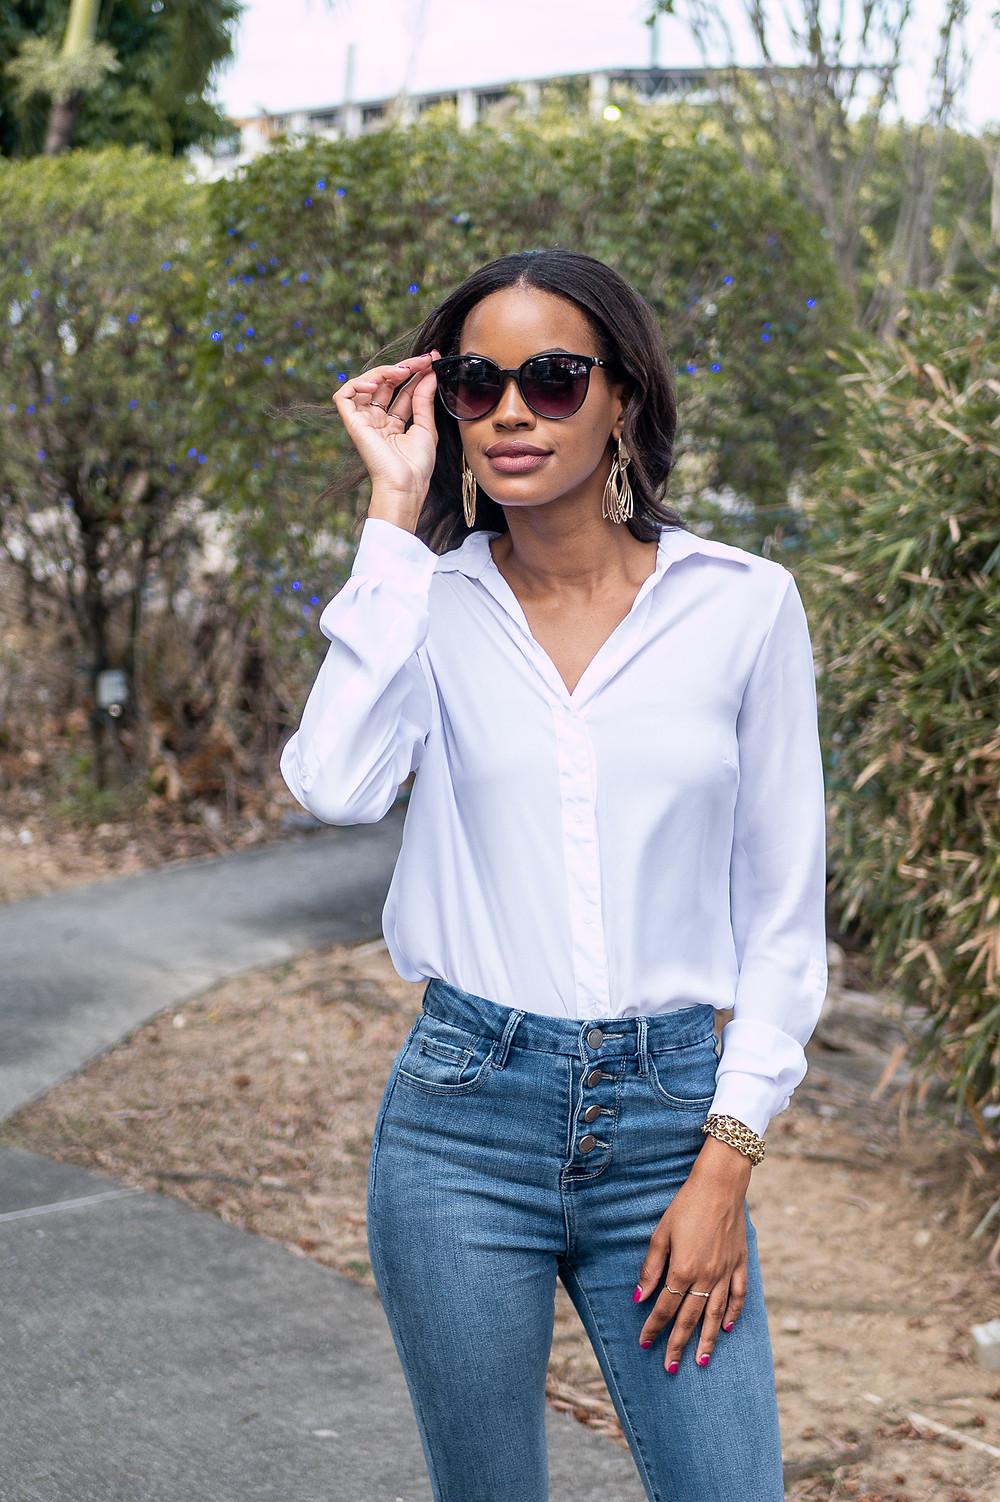 Chantelle Tatyana blog white shirt